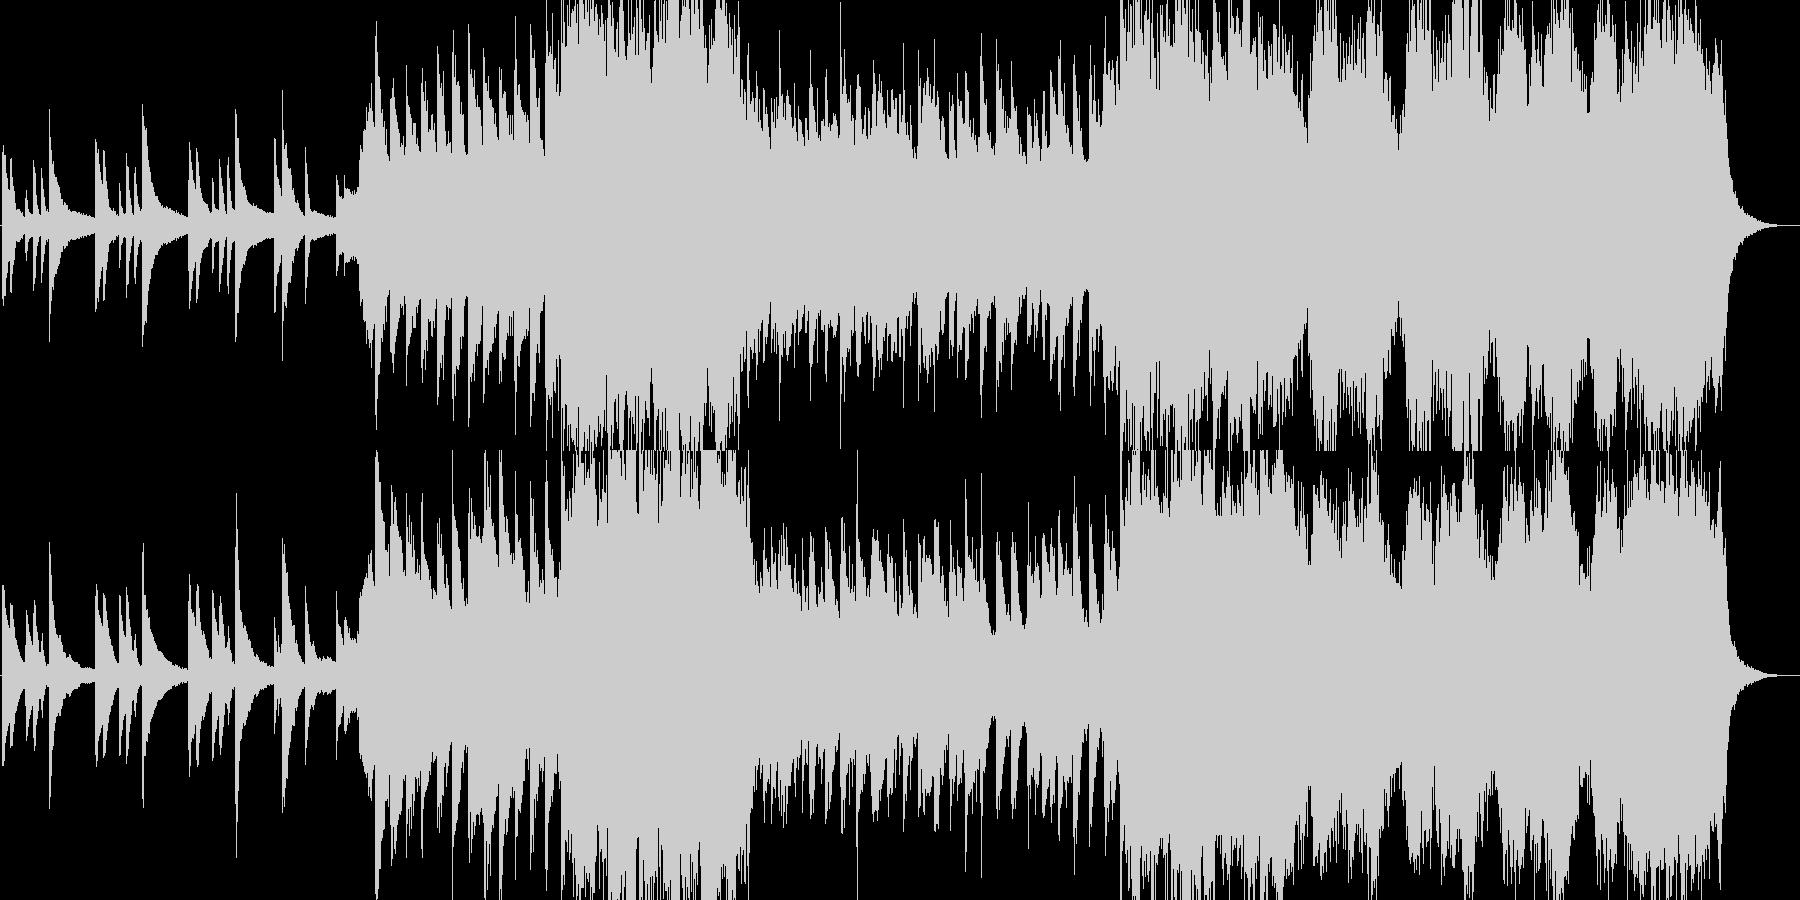 悲しいピアノとストリングスの未再生の波形